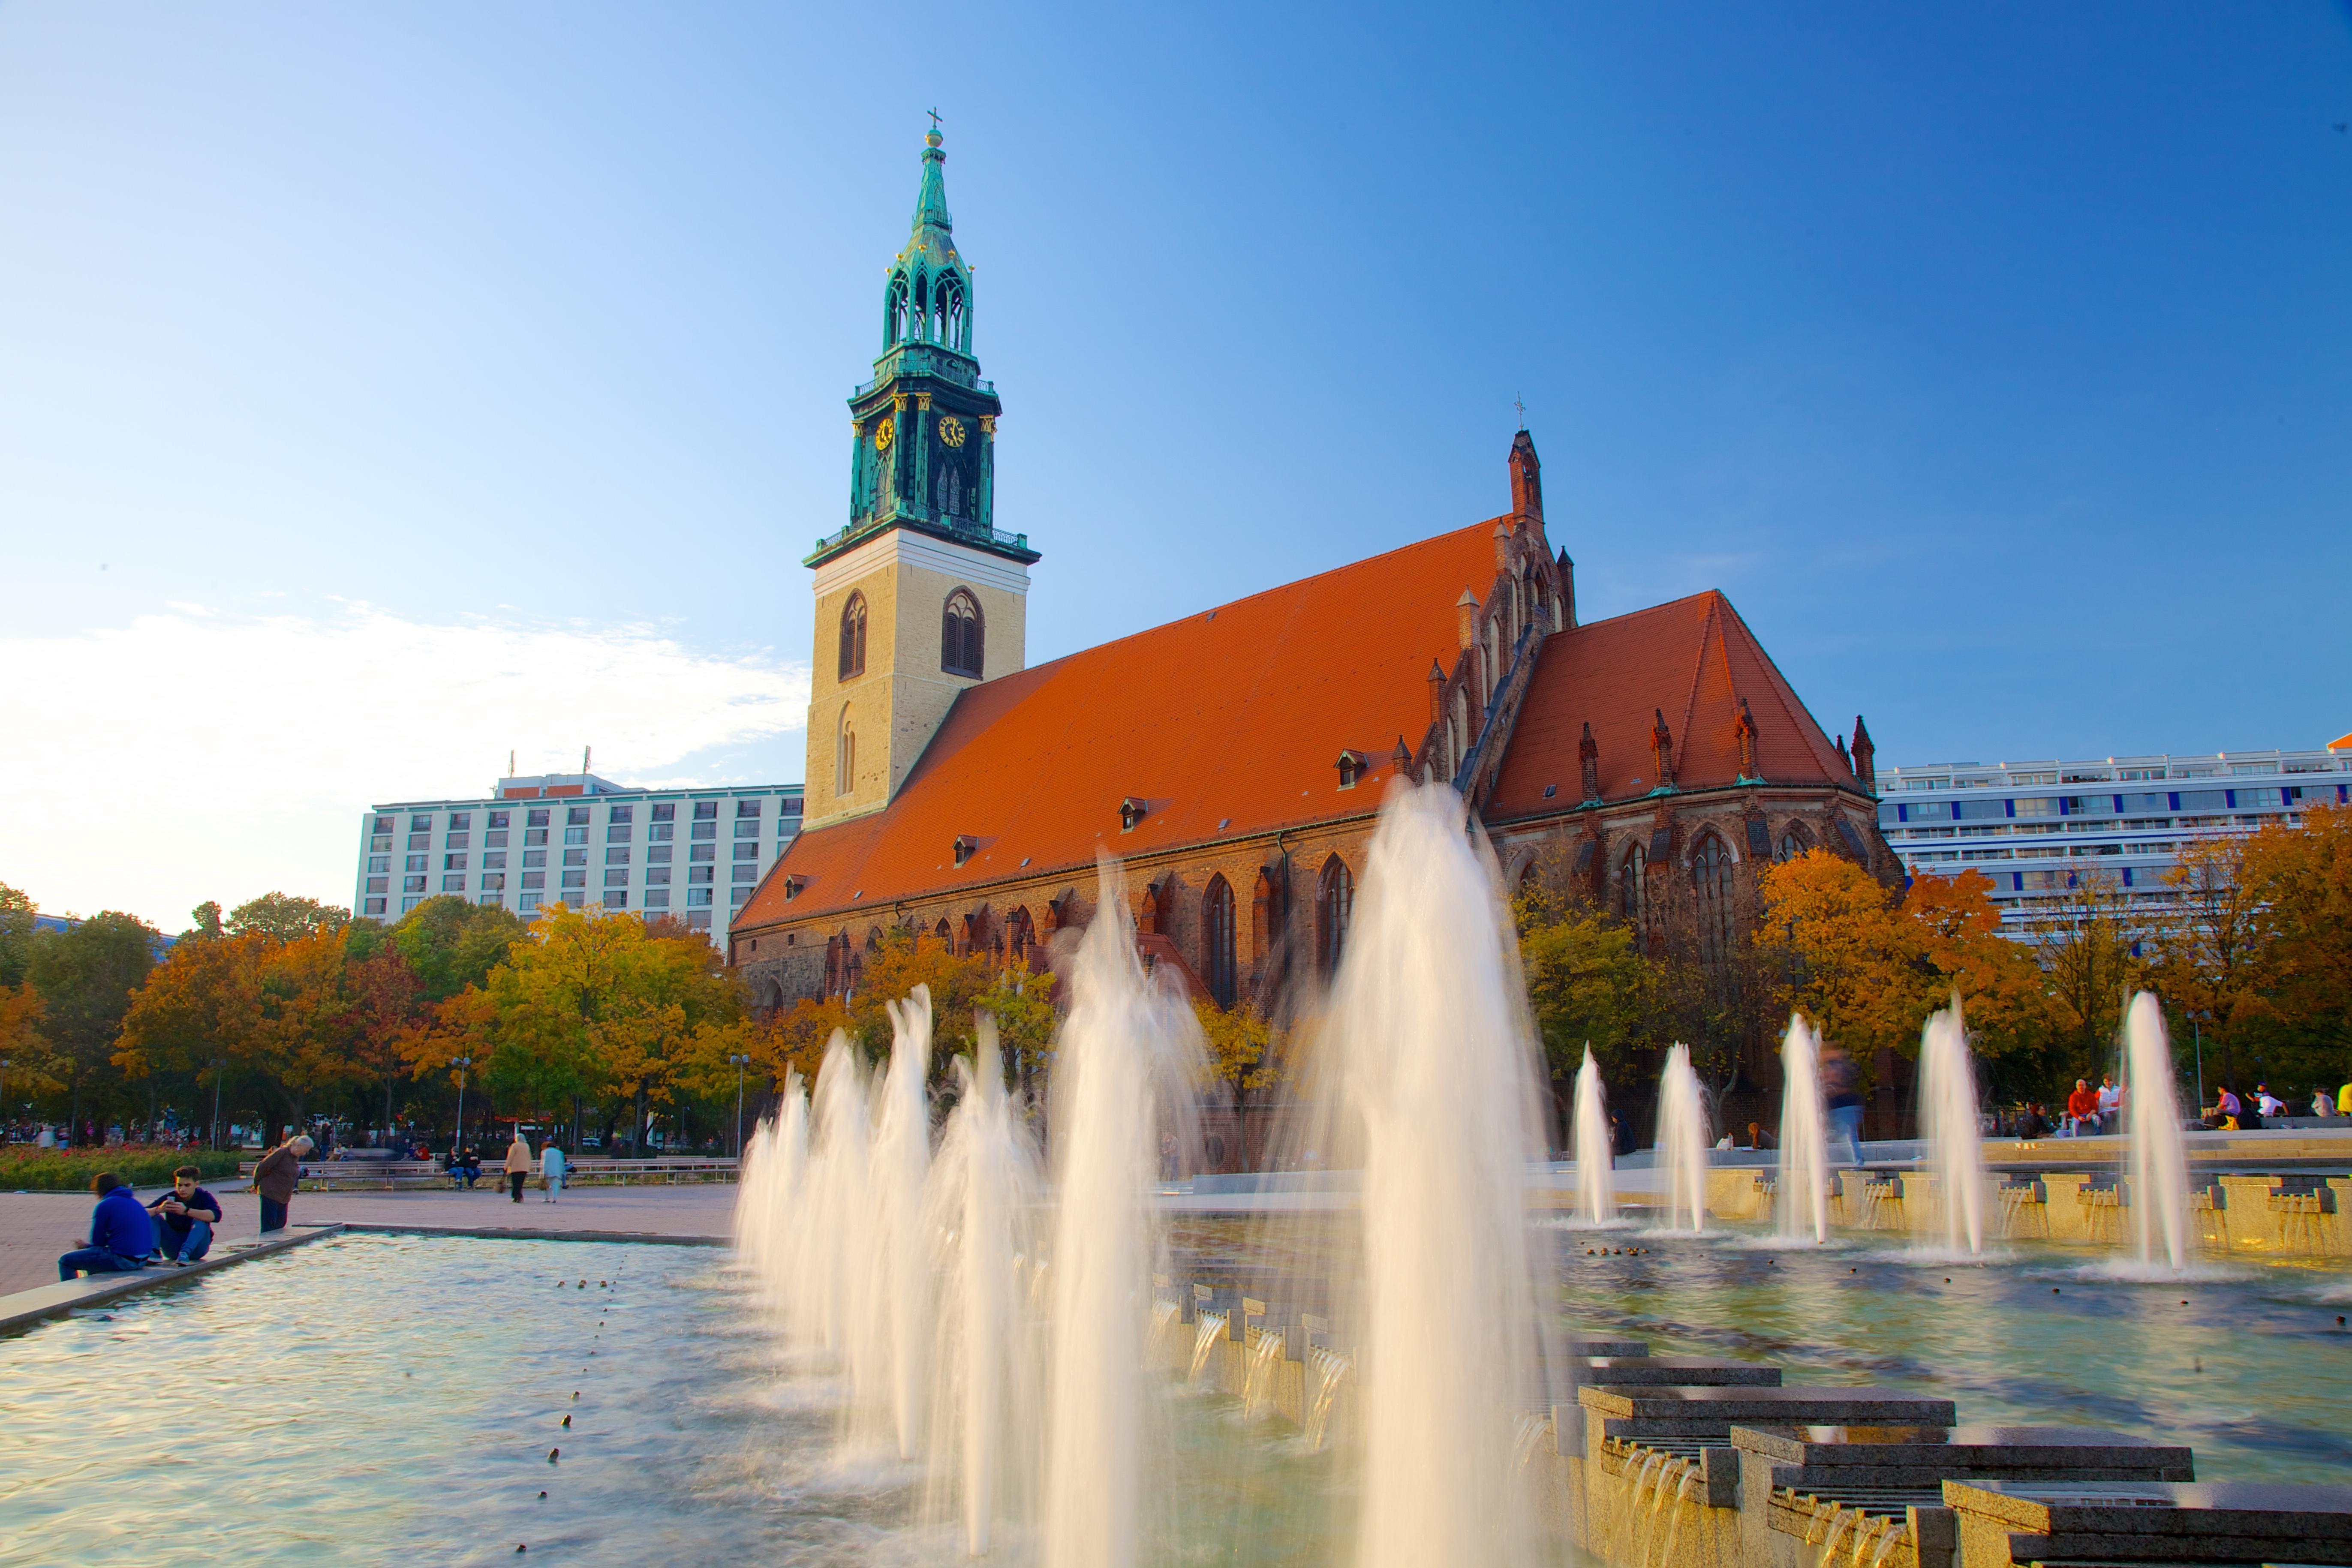 Dortmund_marienkirche_platz.jpg?1549473649